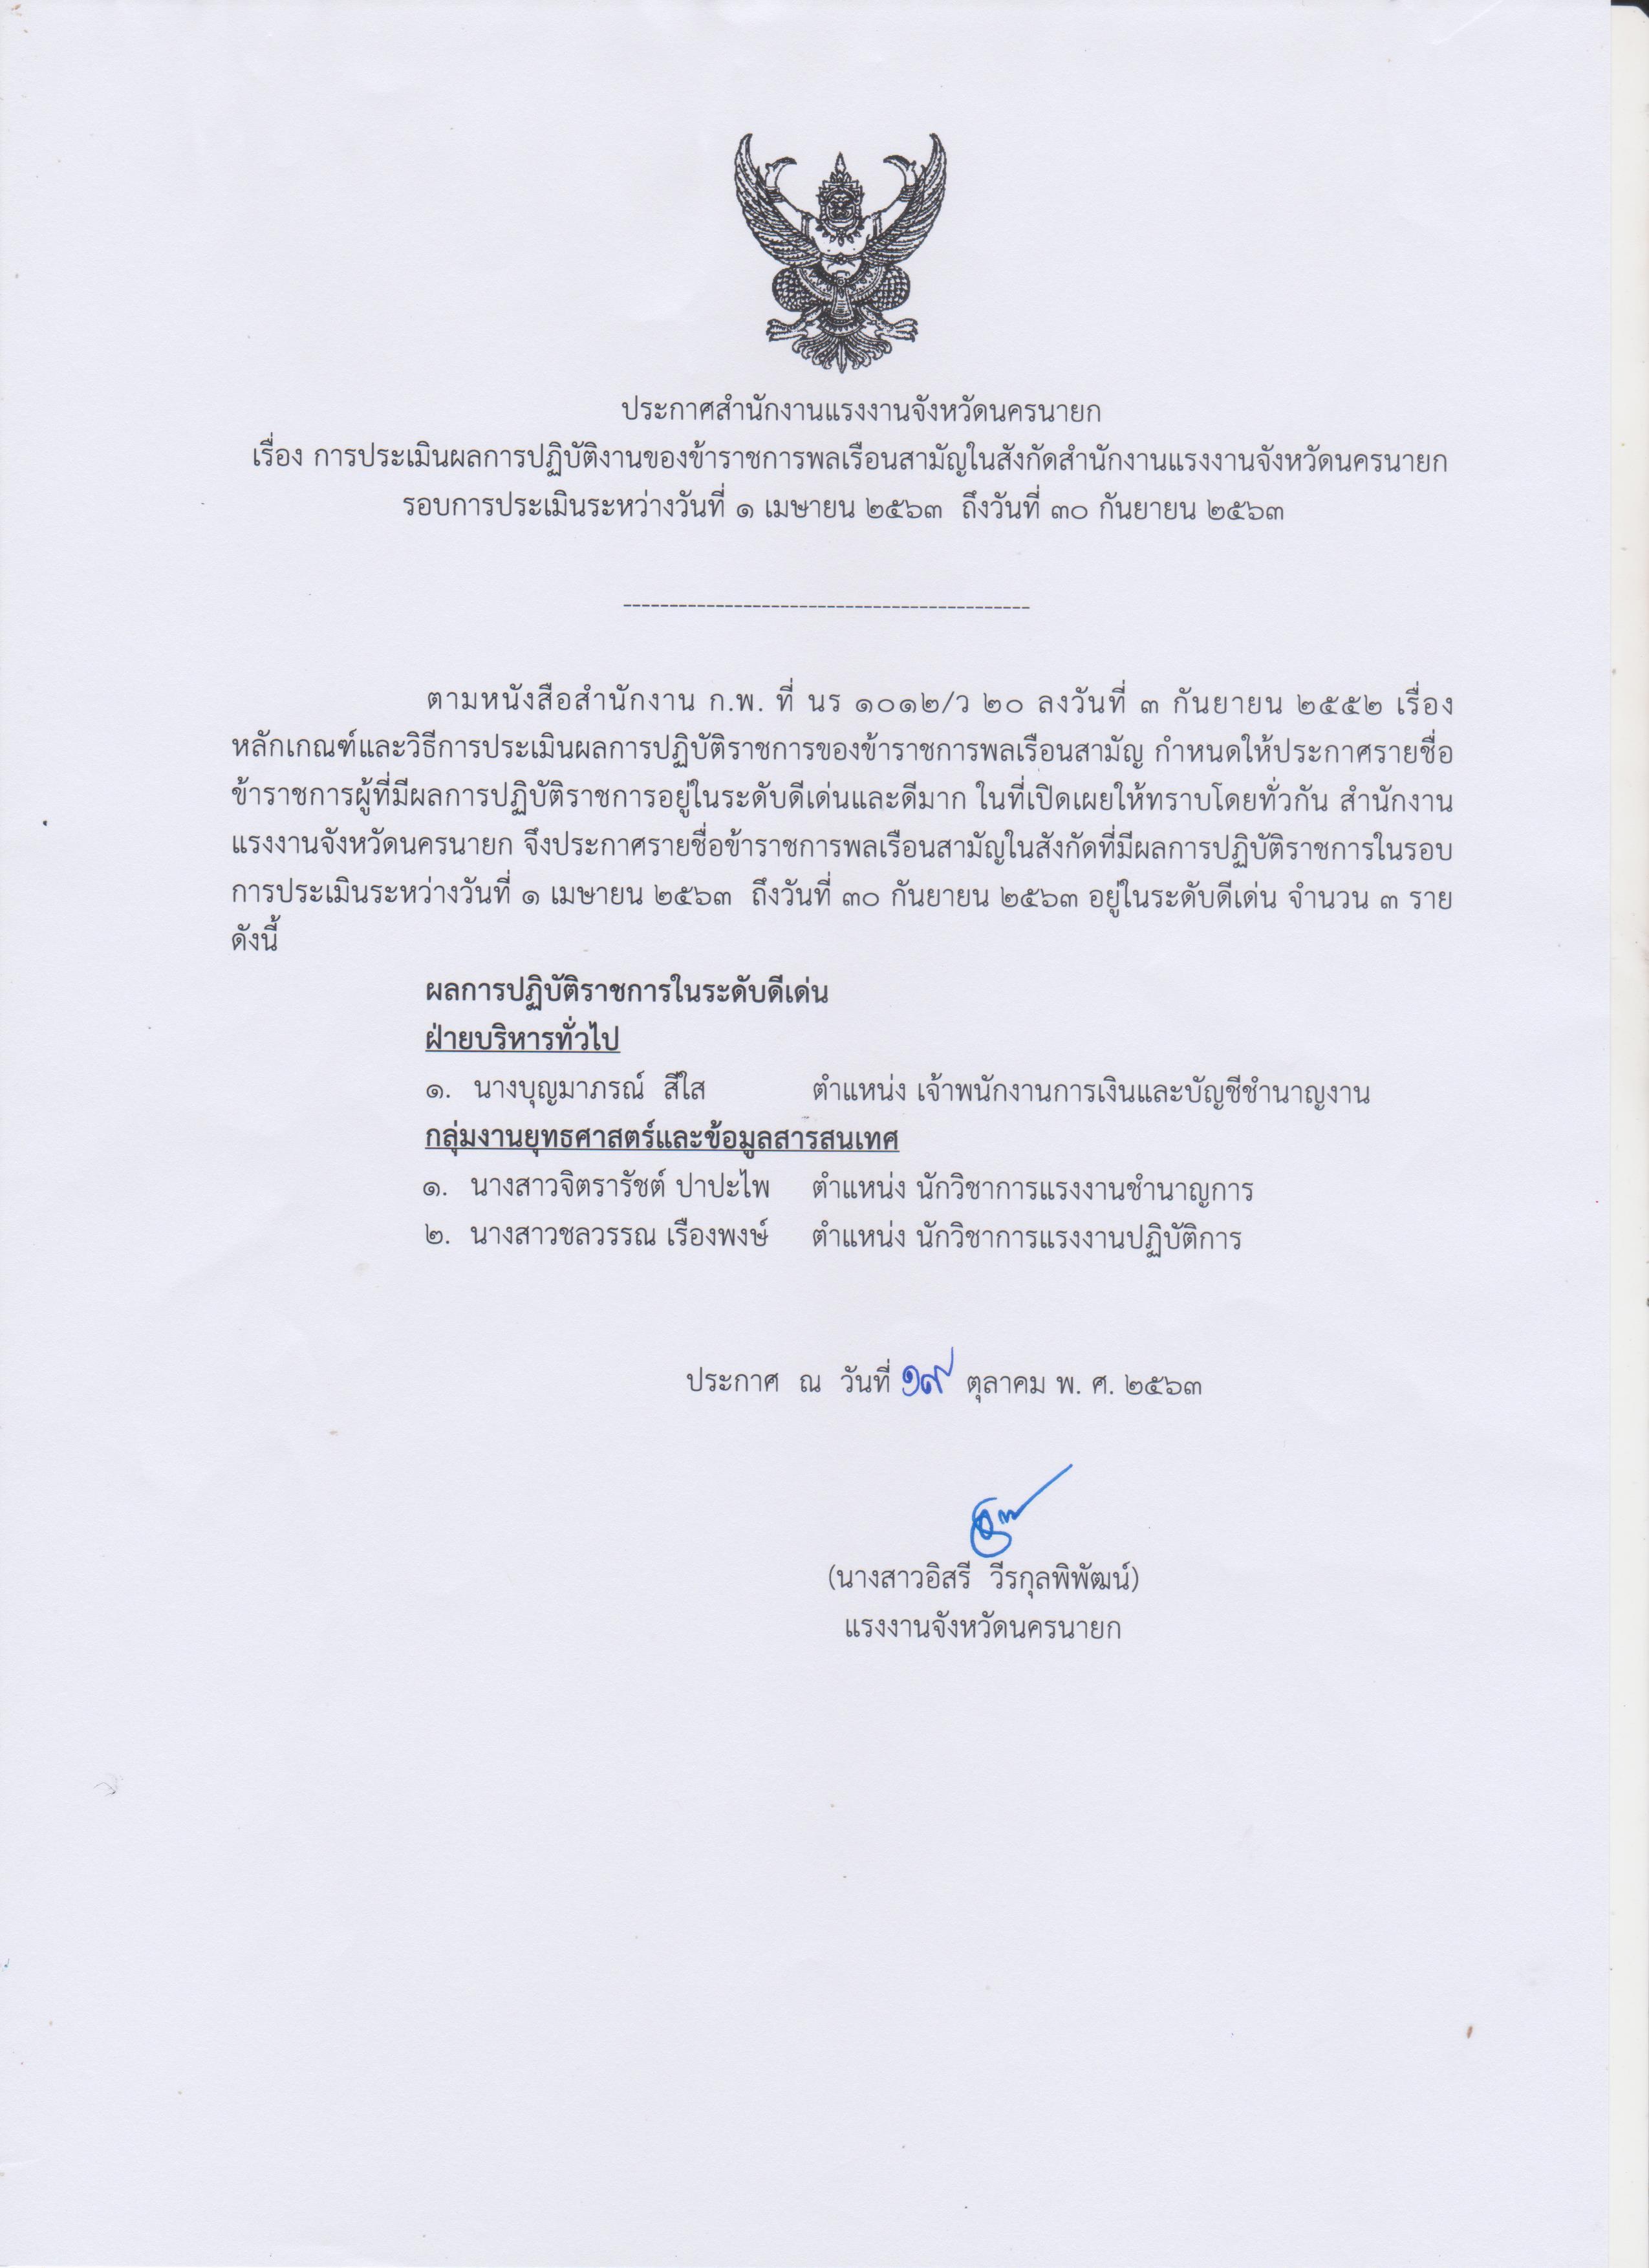 การประเมินผลการปฏิบัติงานของข้าราชการพลเรือนสามัญในสังกัดสำนักงานแรงงานจังหวัดนครนายก รอบการประเมินระหว่างวันที่ 1 เมษายน 2563 ถึงวันที่ 30 กันยายน 2563